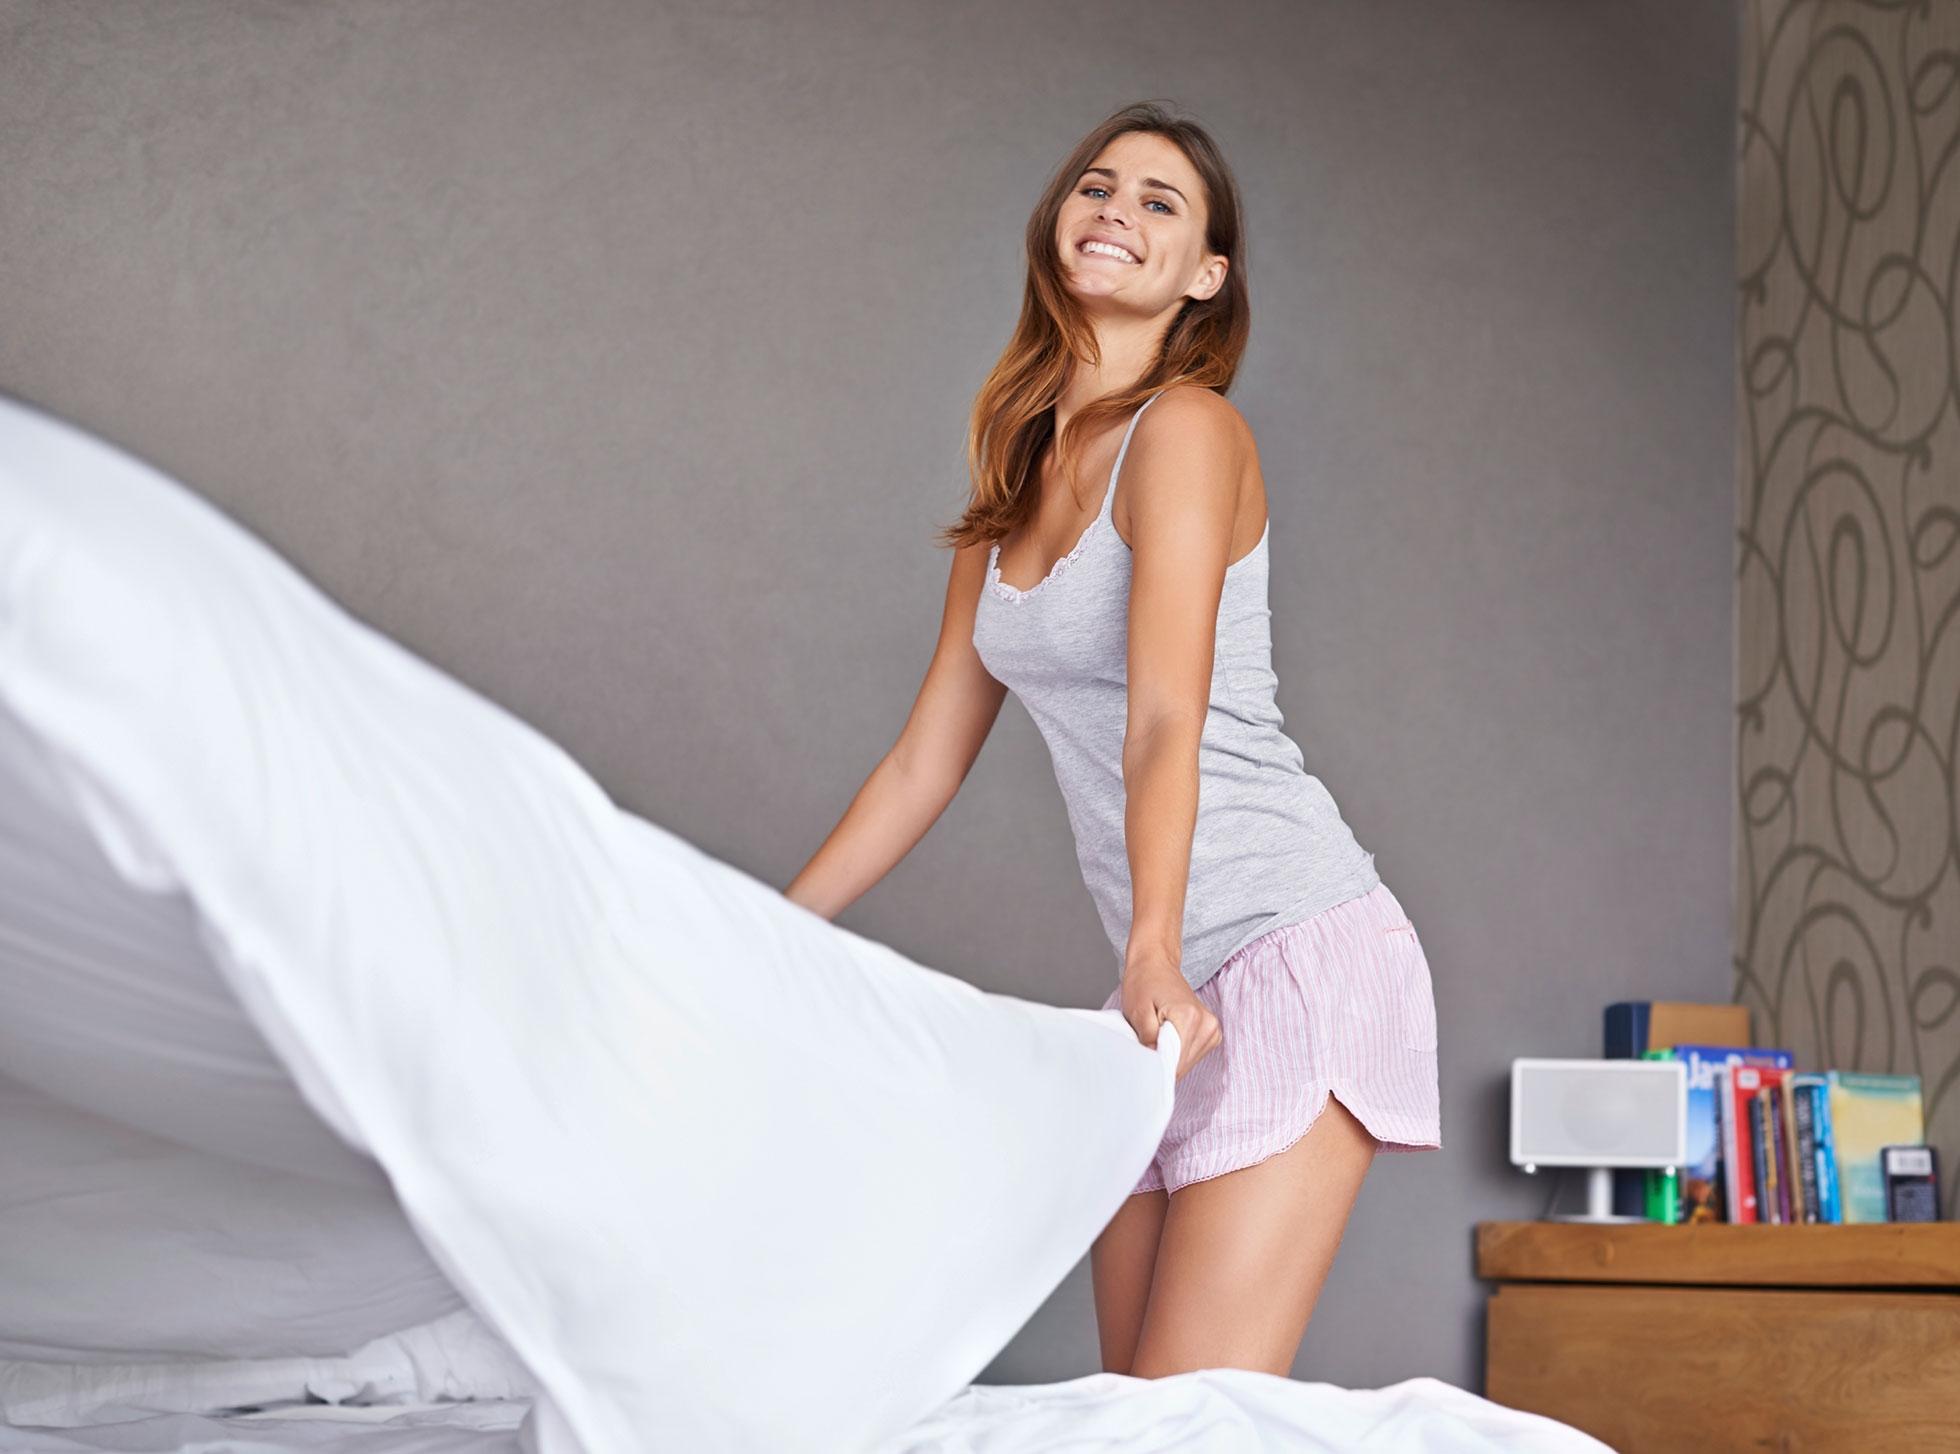 Attenzione: Ecco quando cambiare le lenzuola per non rischiare...